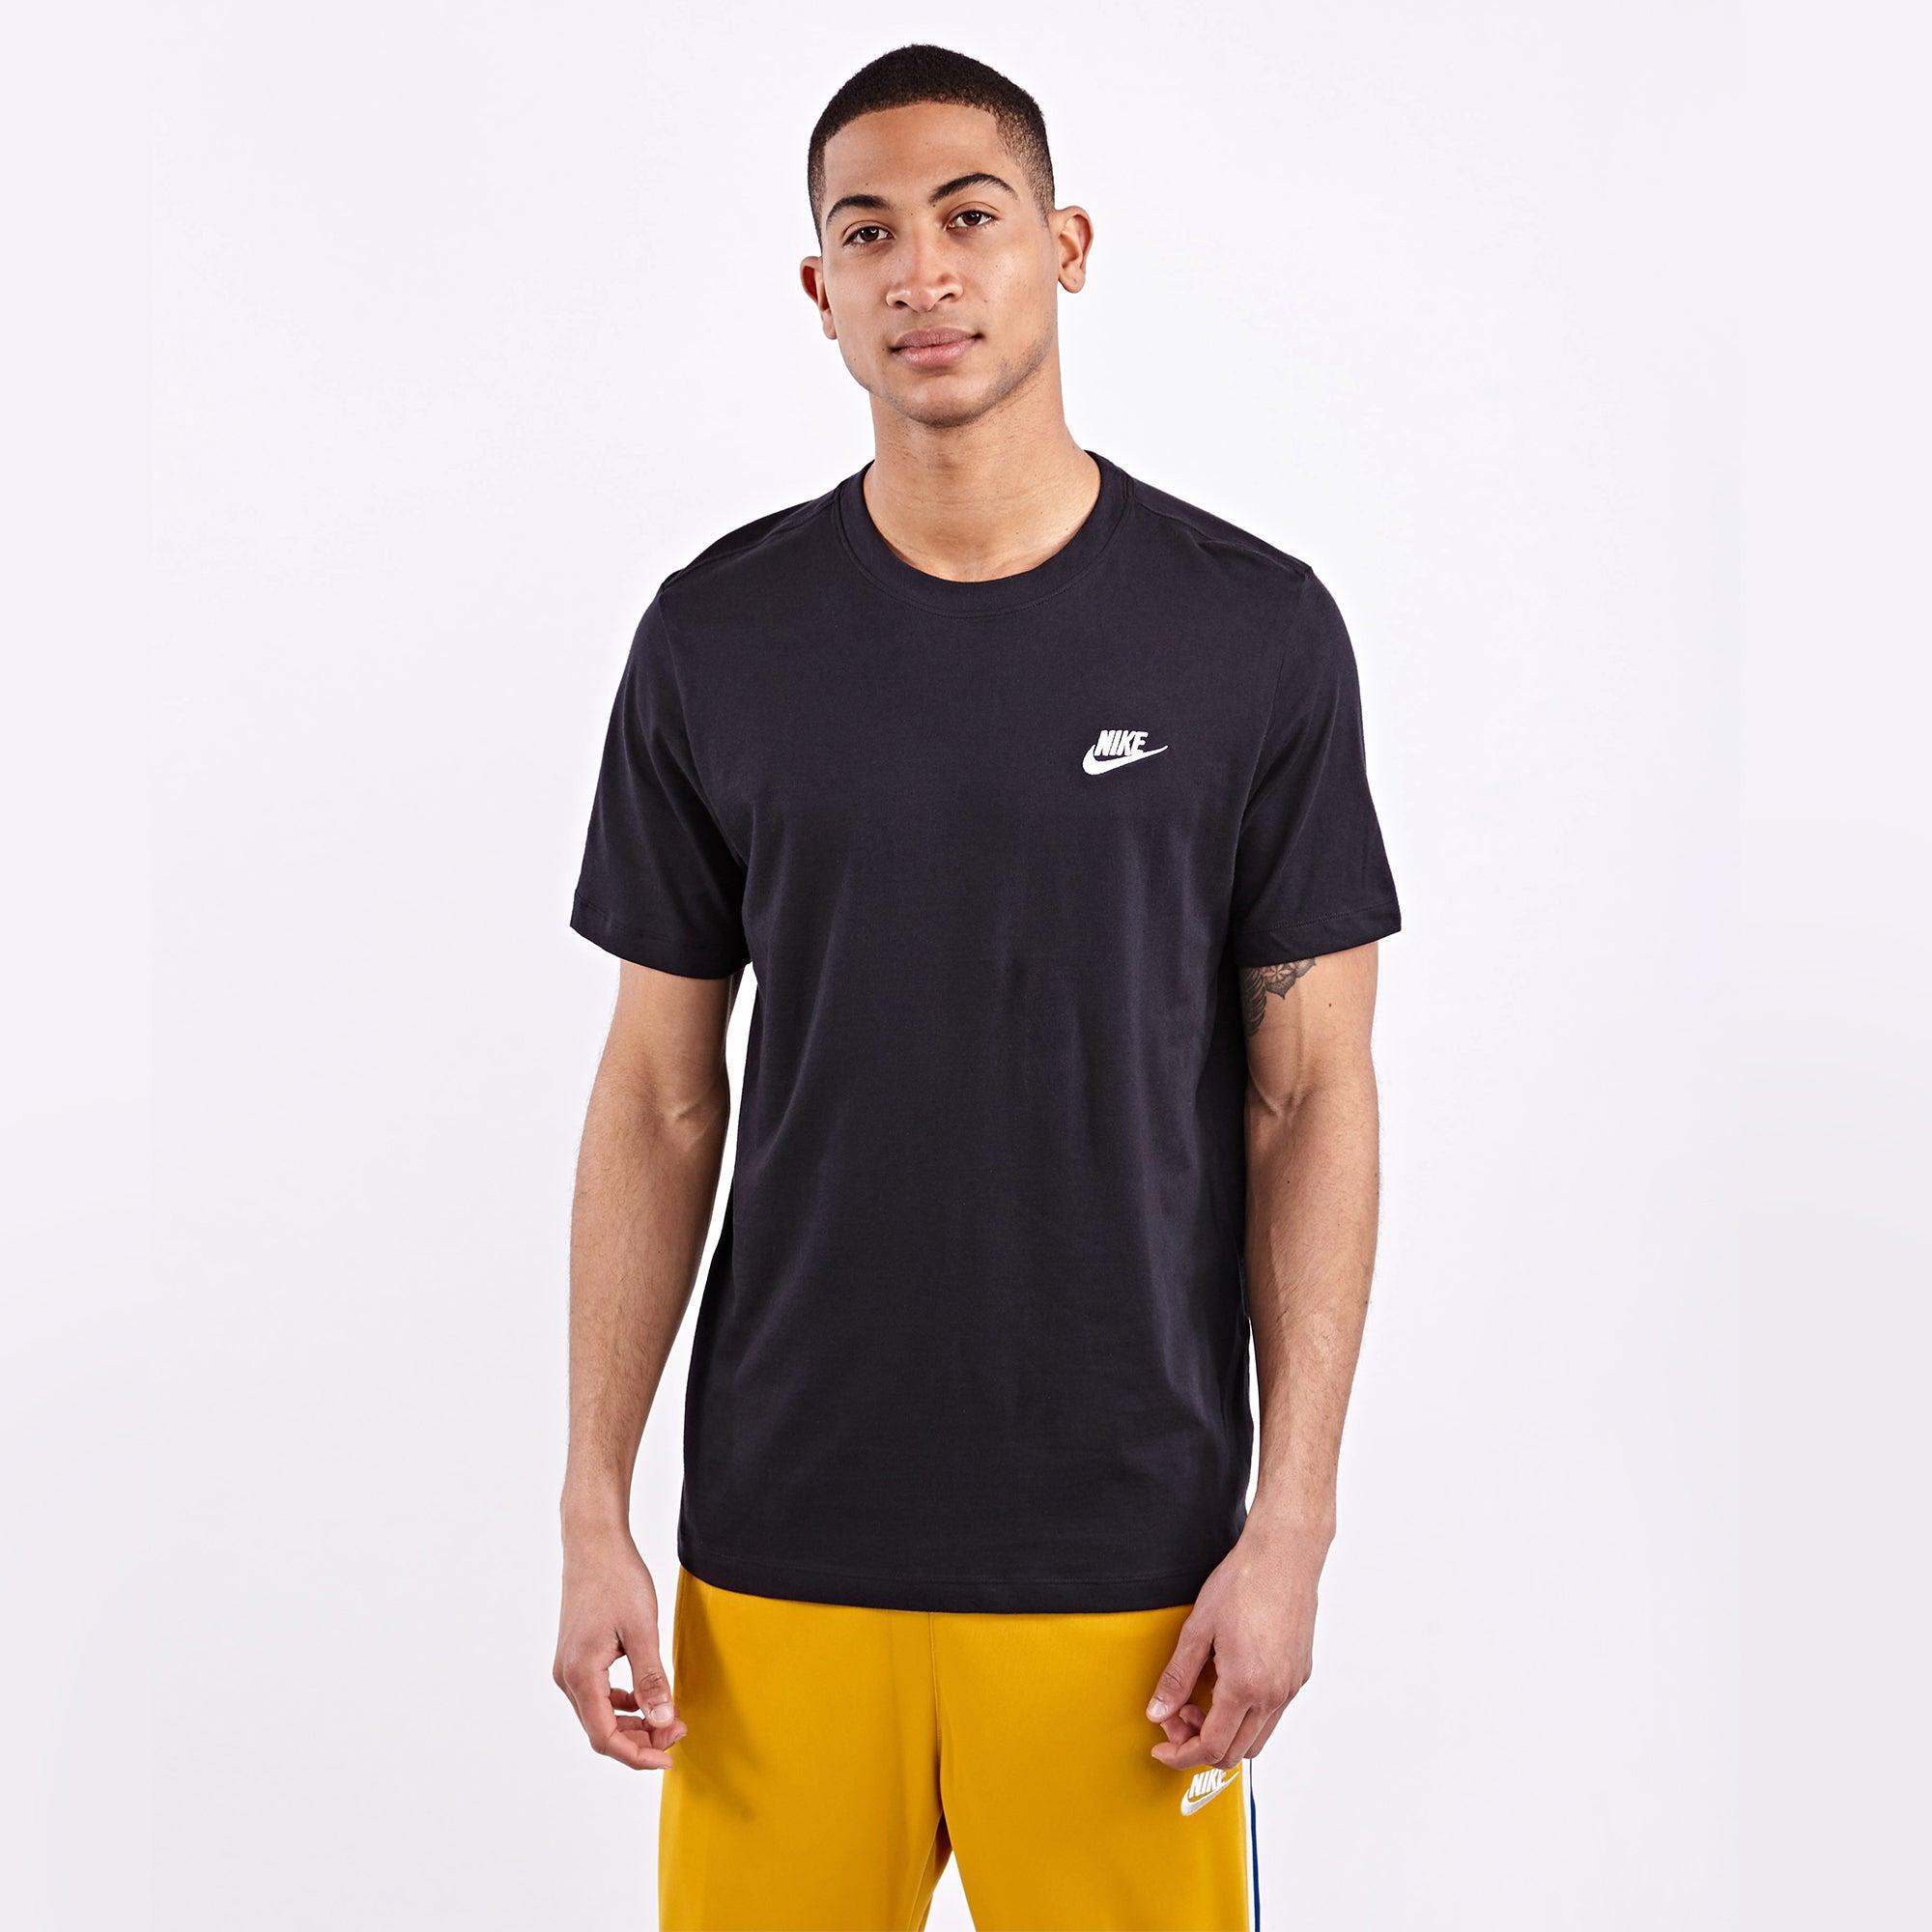 Nike Futura Embroidered Logo